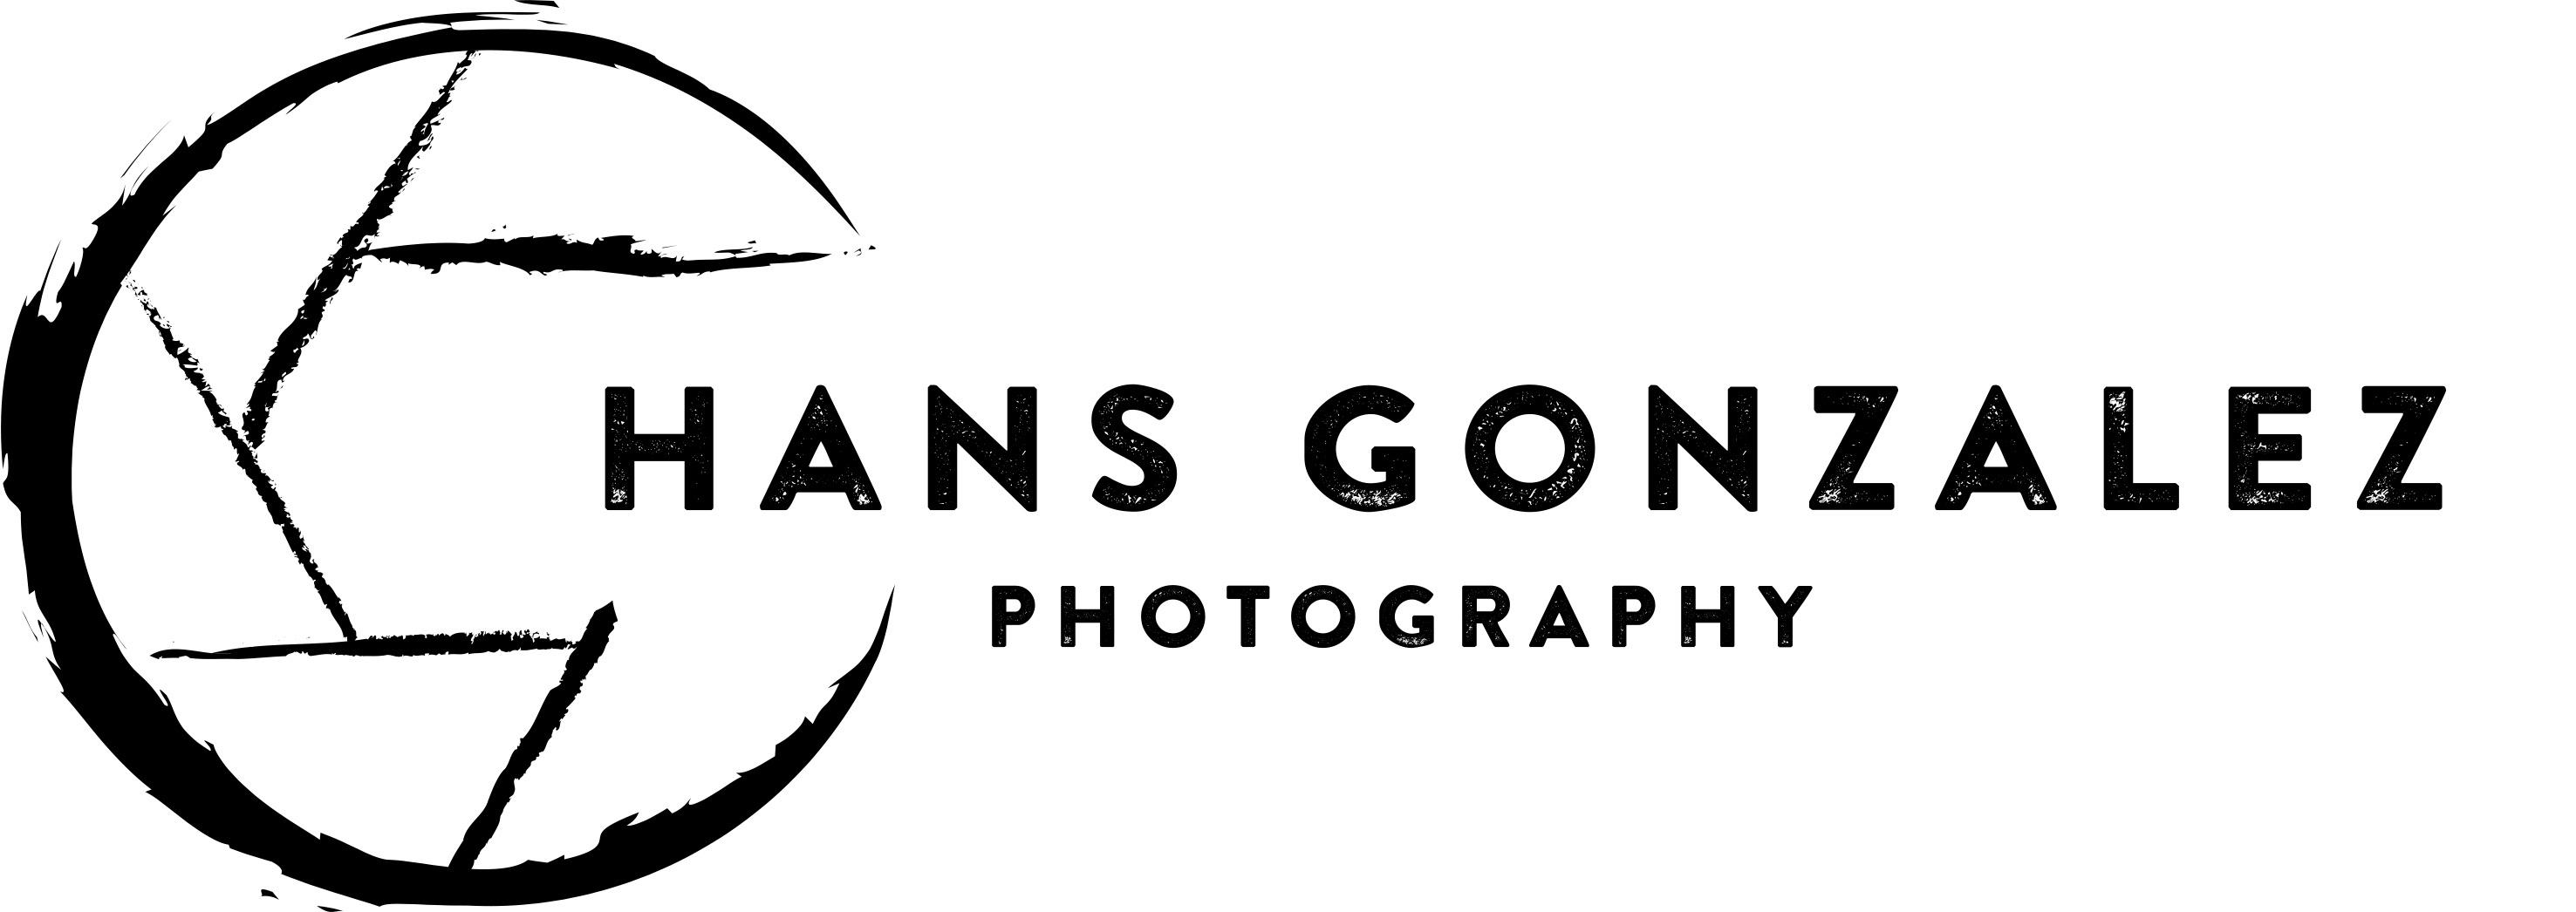 Hans Gonzalez Photography